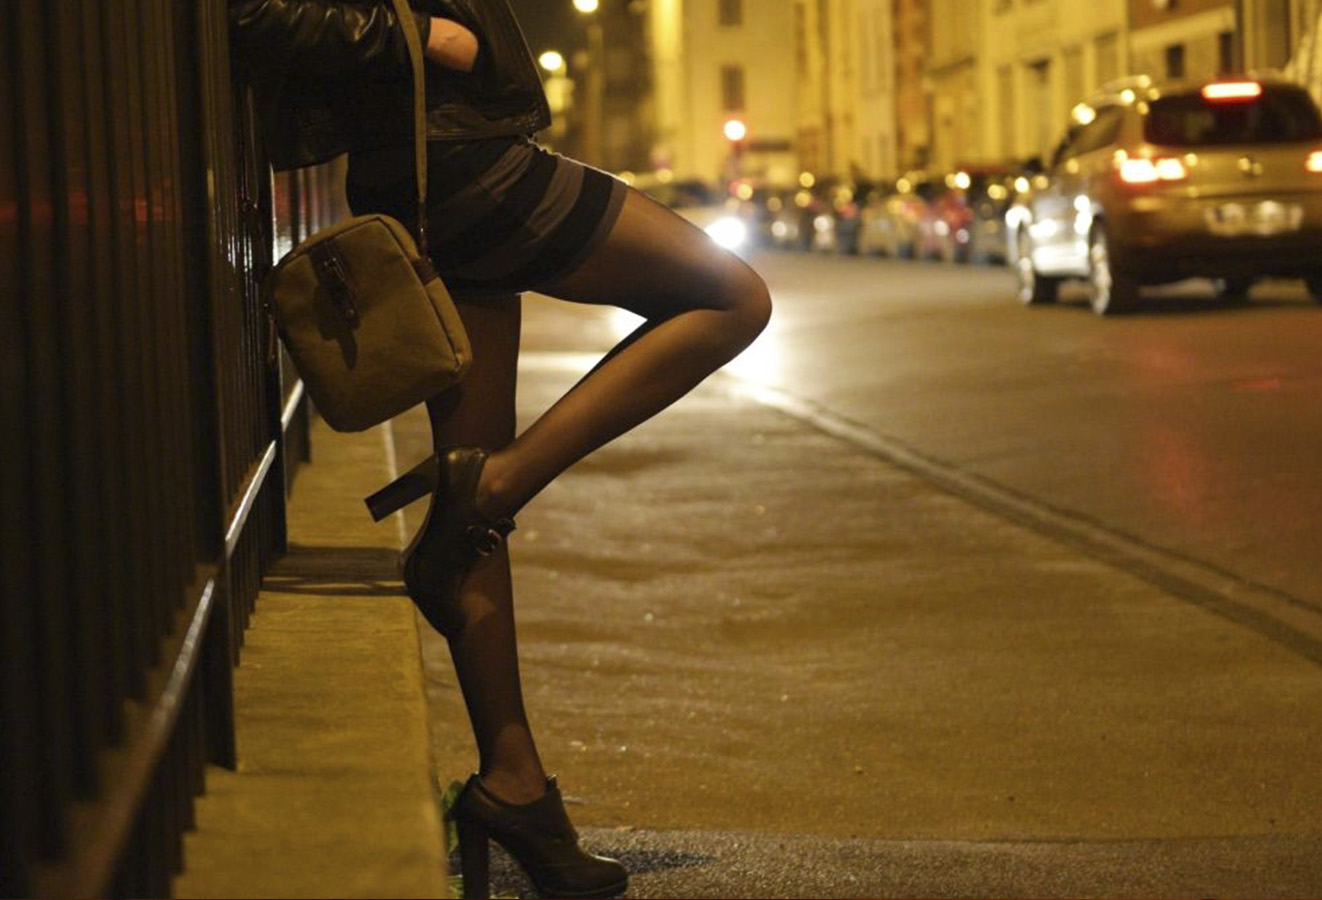 проститутка ждет клиента на улице